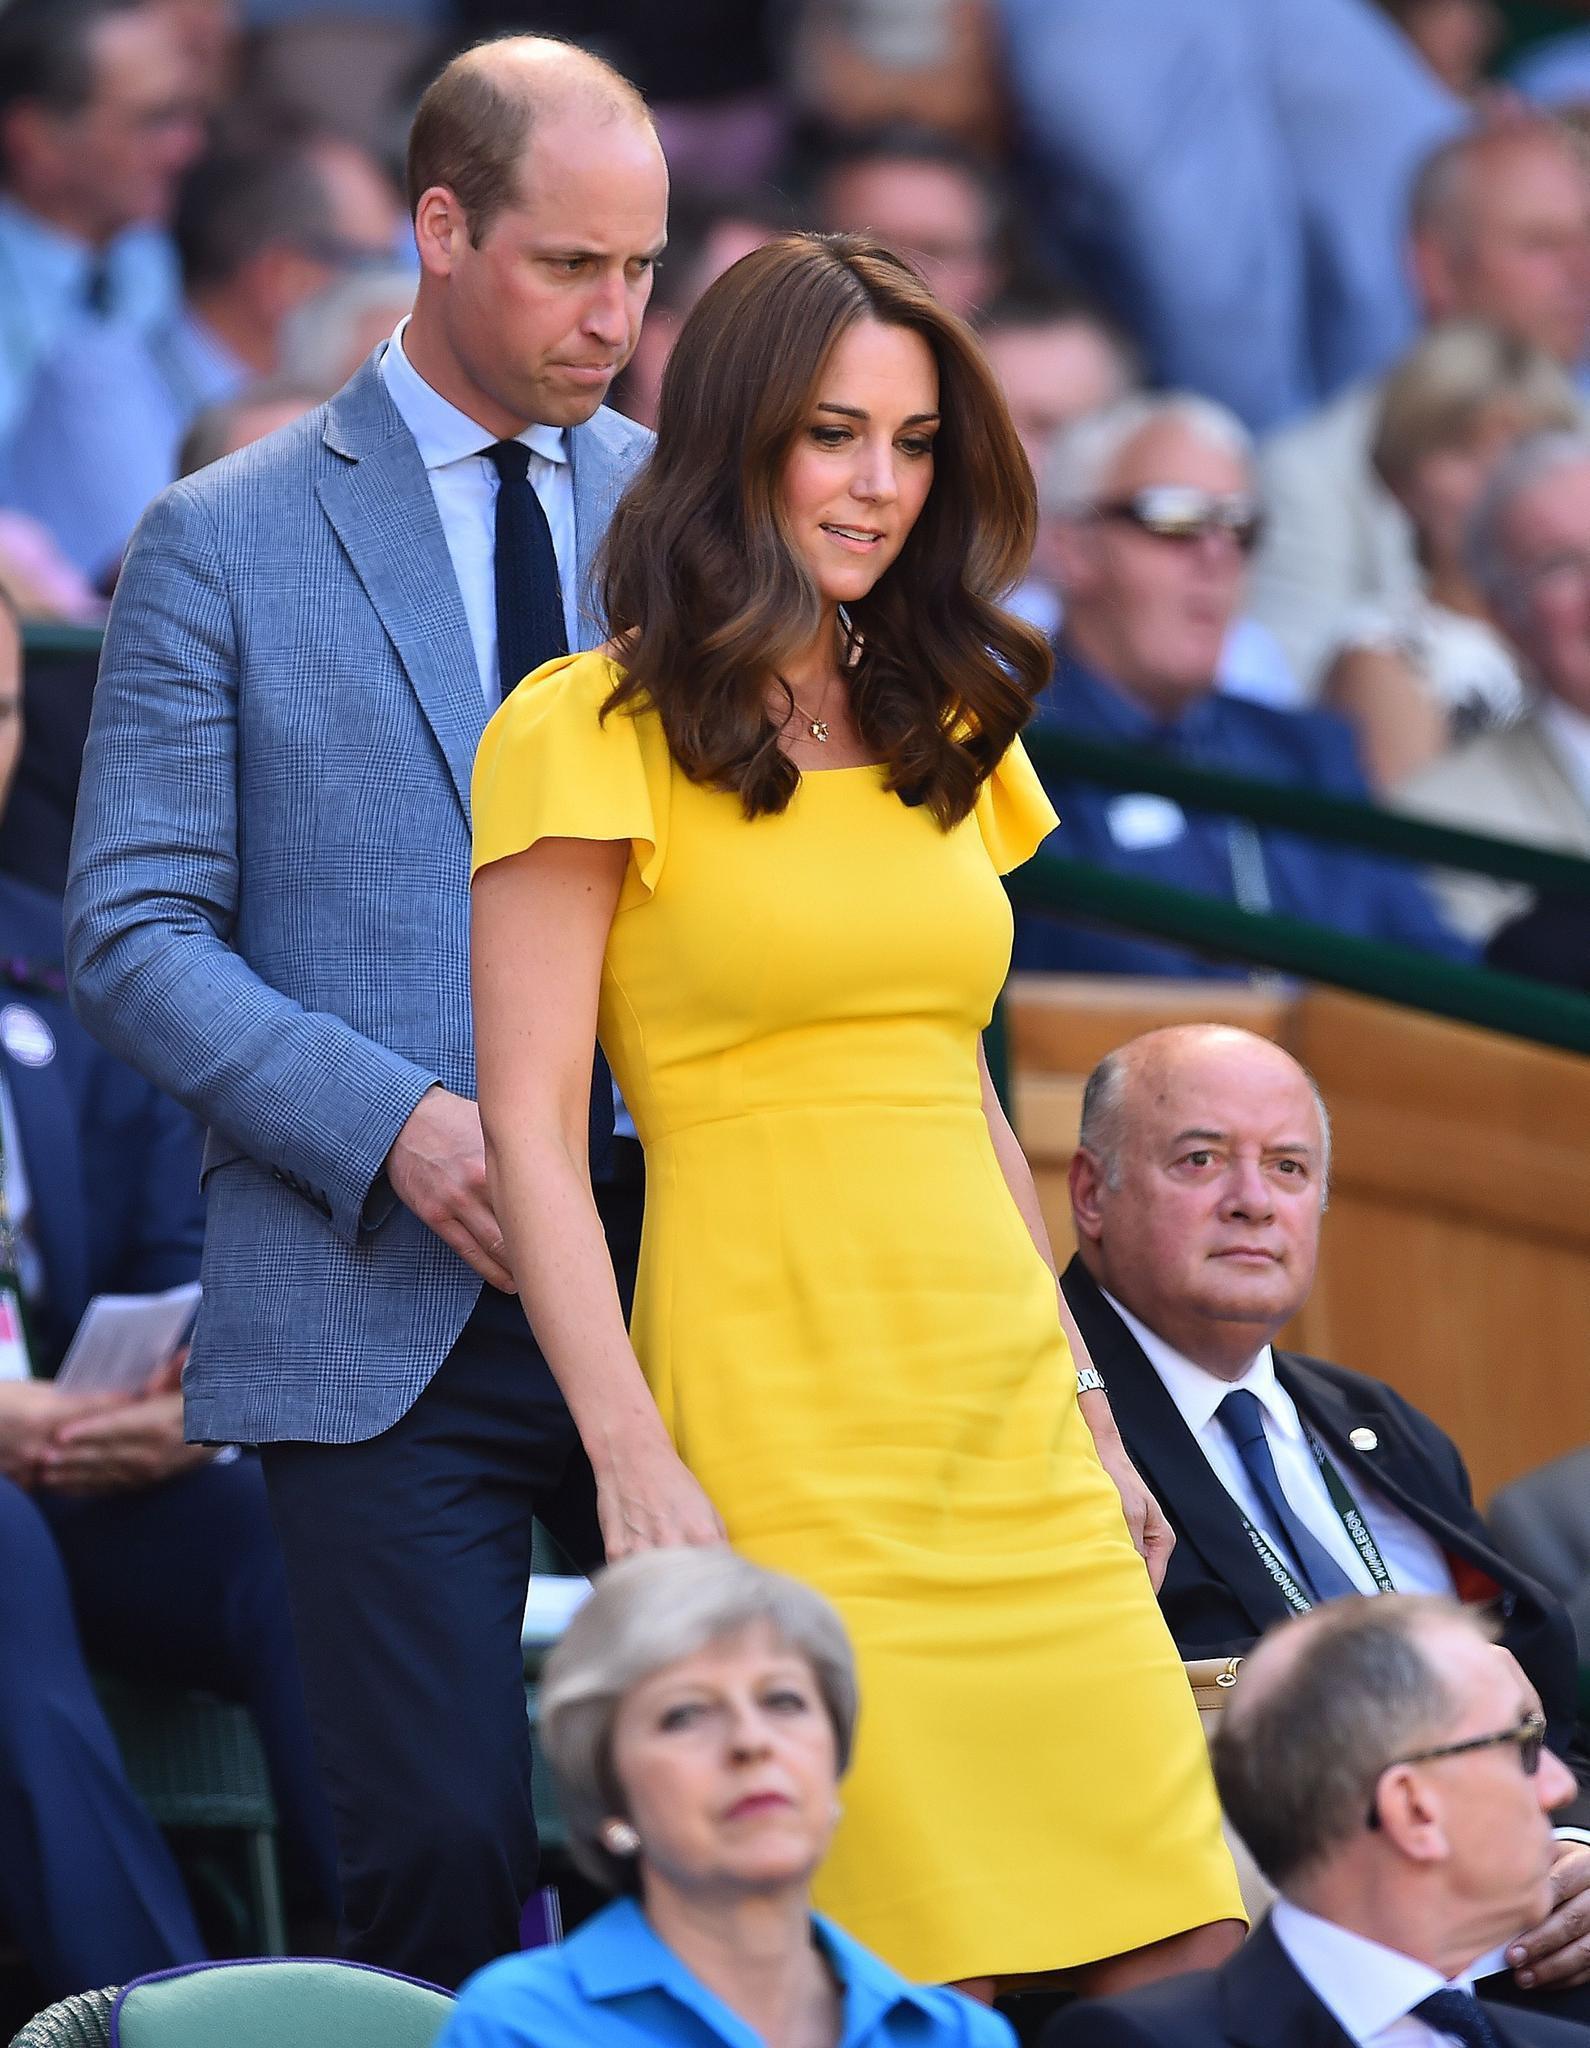 Mặc đẹp là thế, ai ngờ mẫu váy vàng rực rỡ này của Công nương Kate lại từng bị Hoàng tử William ví như 1 quả chuối - Ảnh 6.